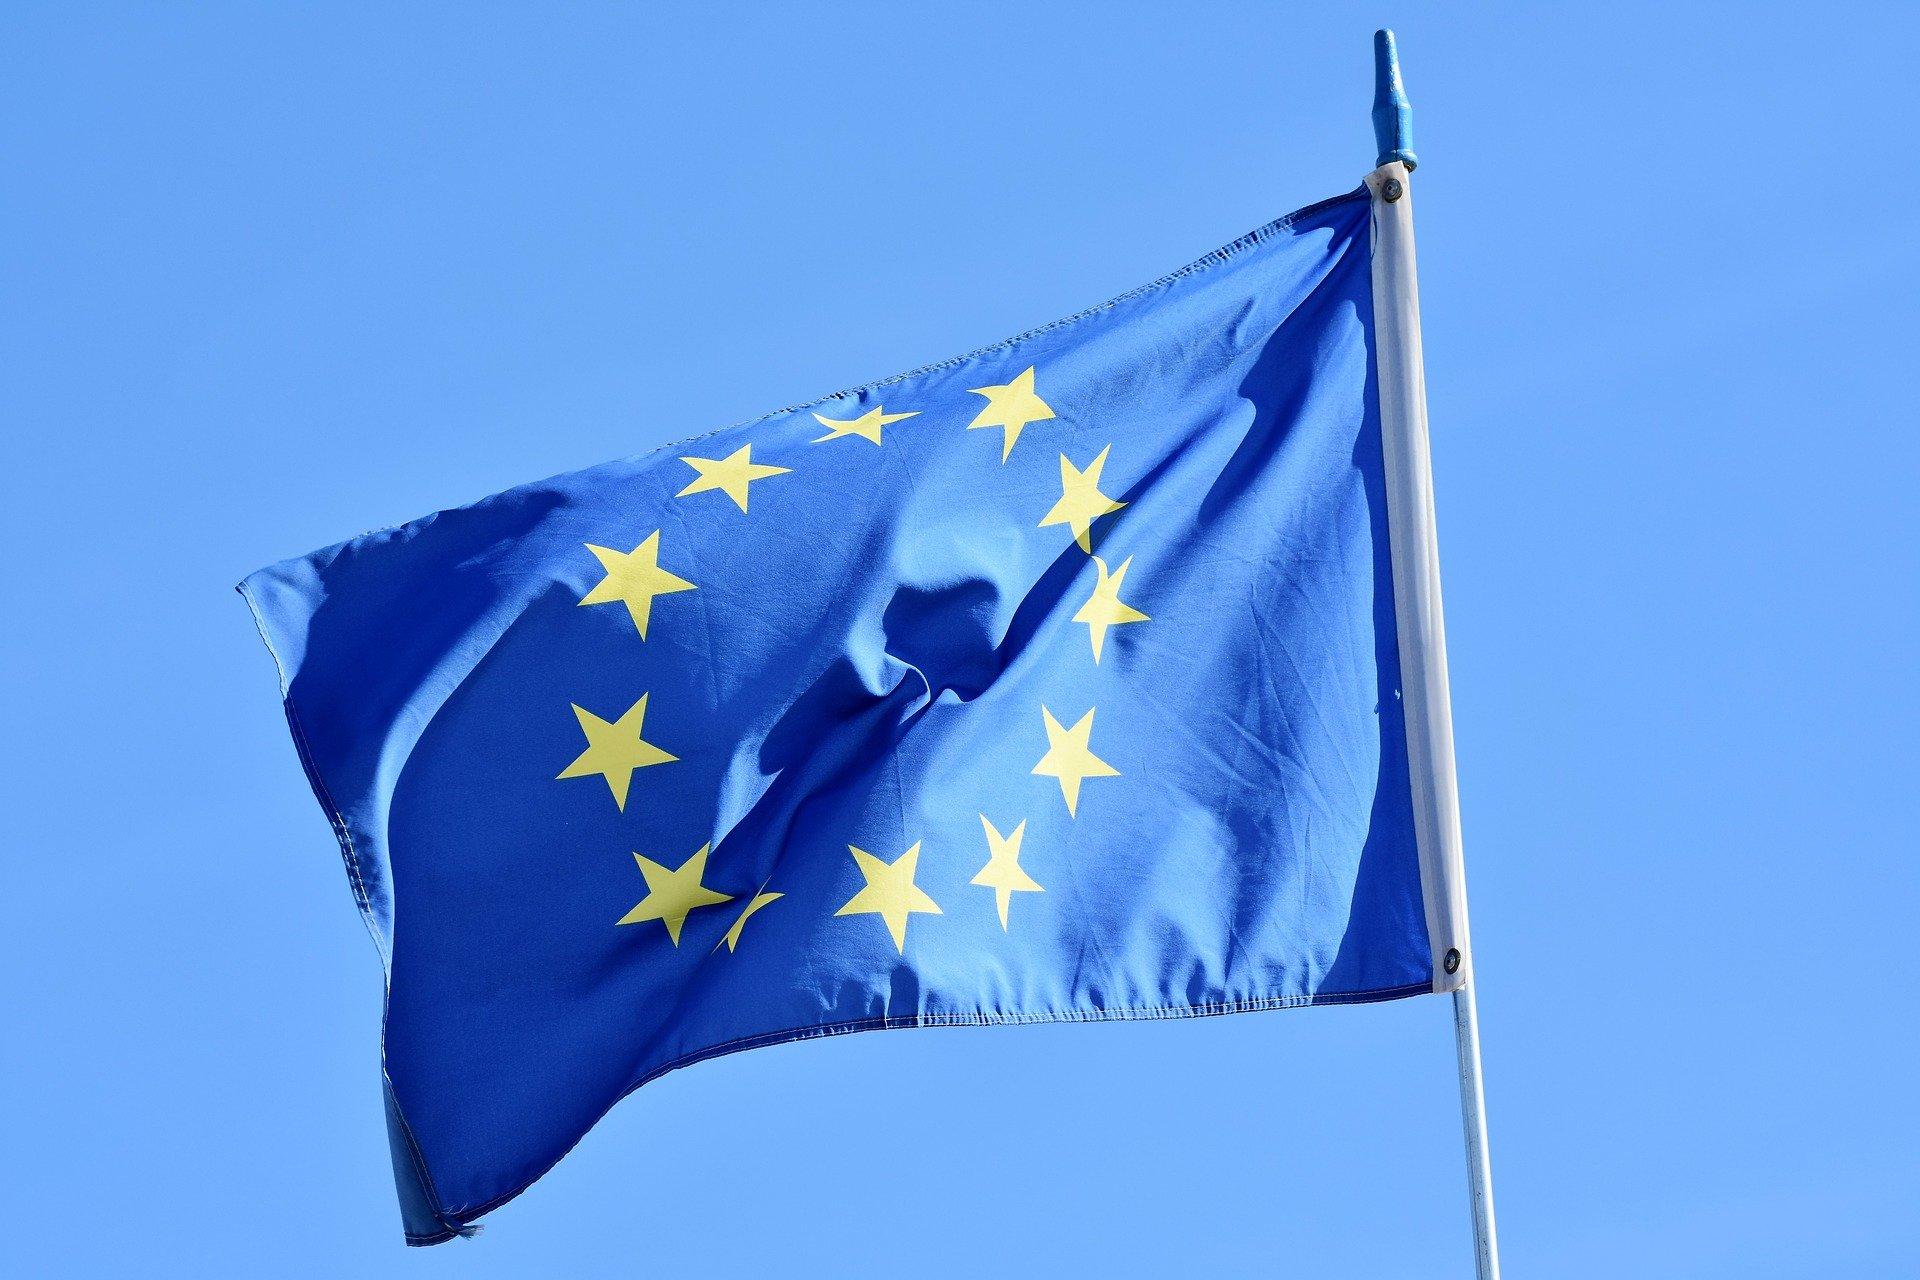 25 лет назад австрийцы решили вступить в ЕС